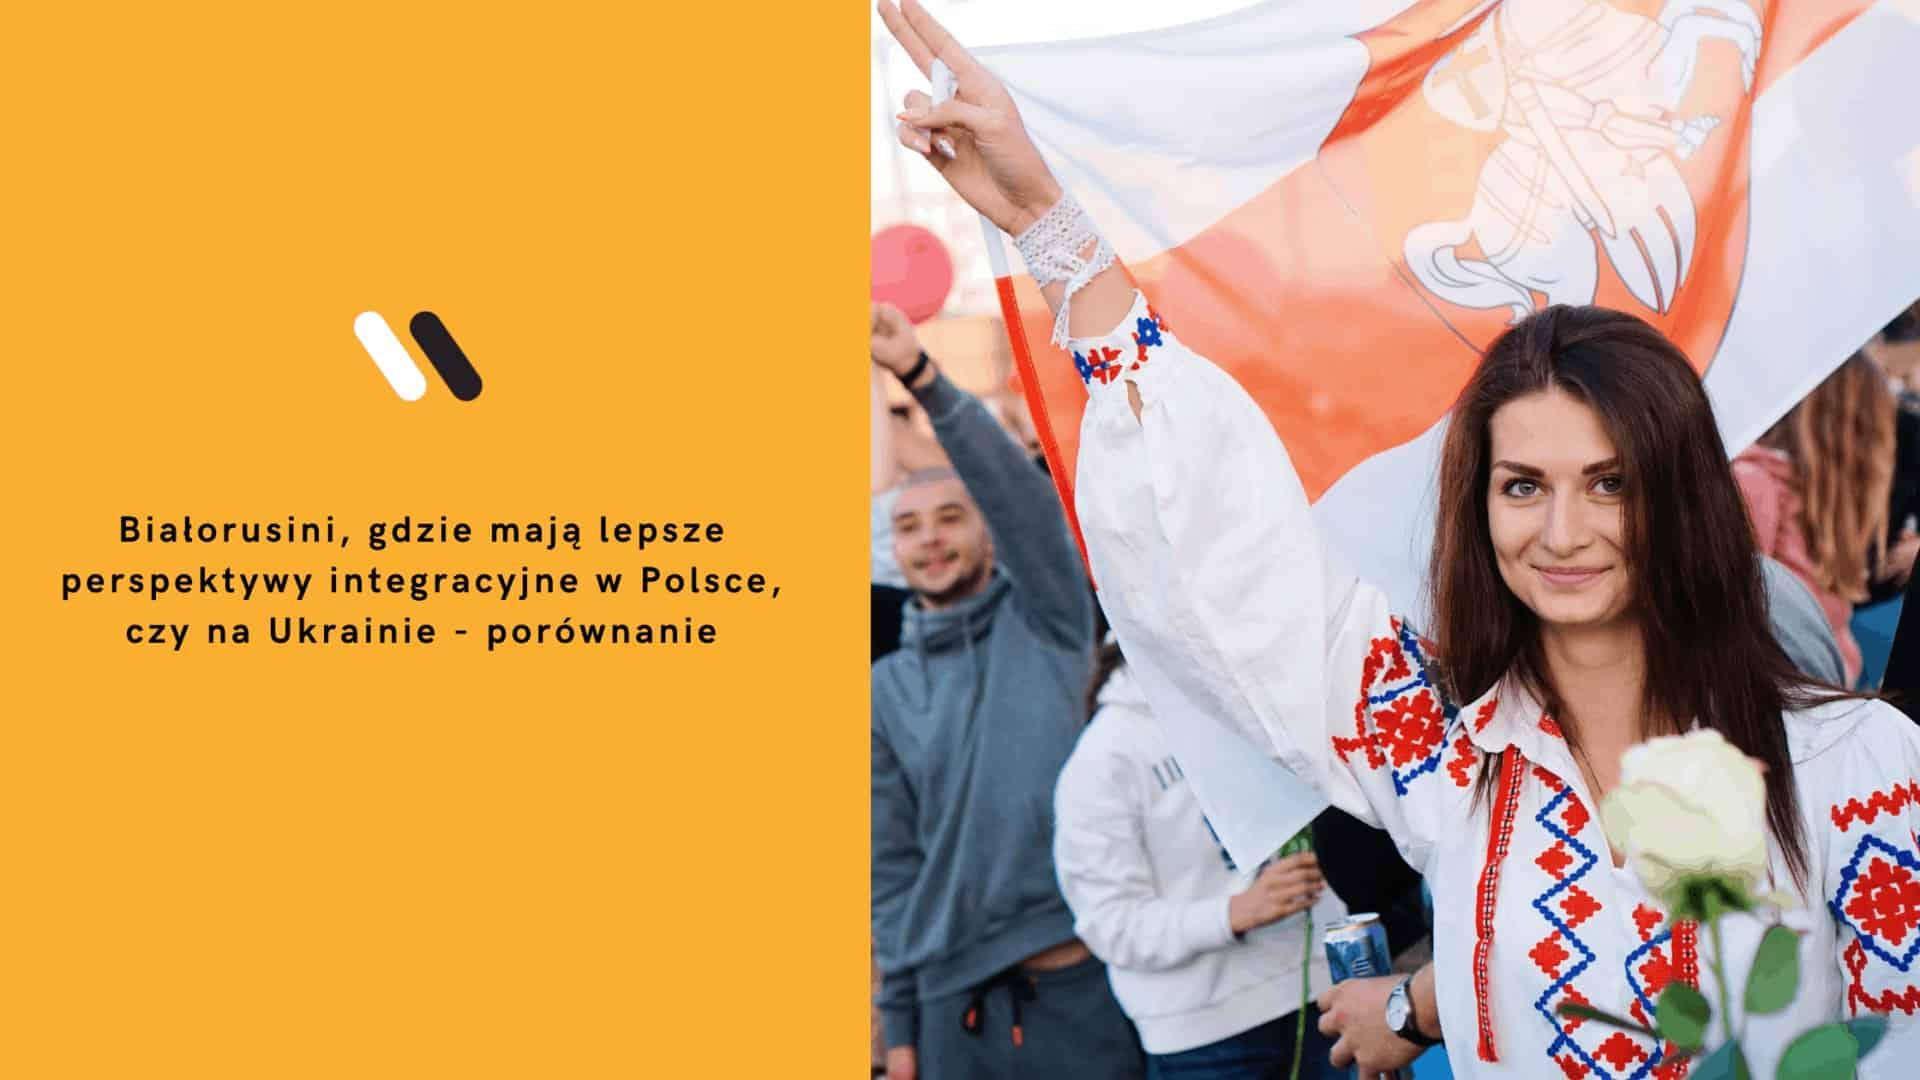 Białorusini, gdzie mają lepsze perspektywy integracyjne wPolsce, czynaUkrainie